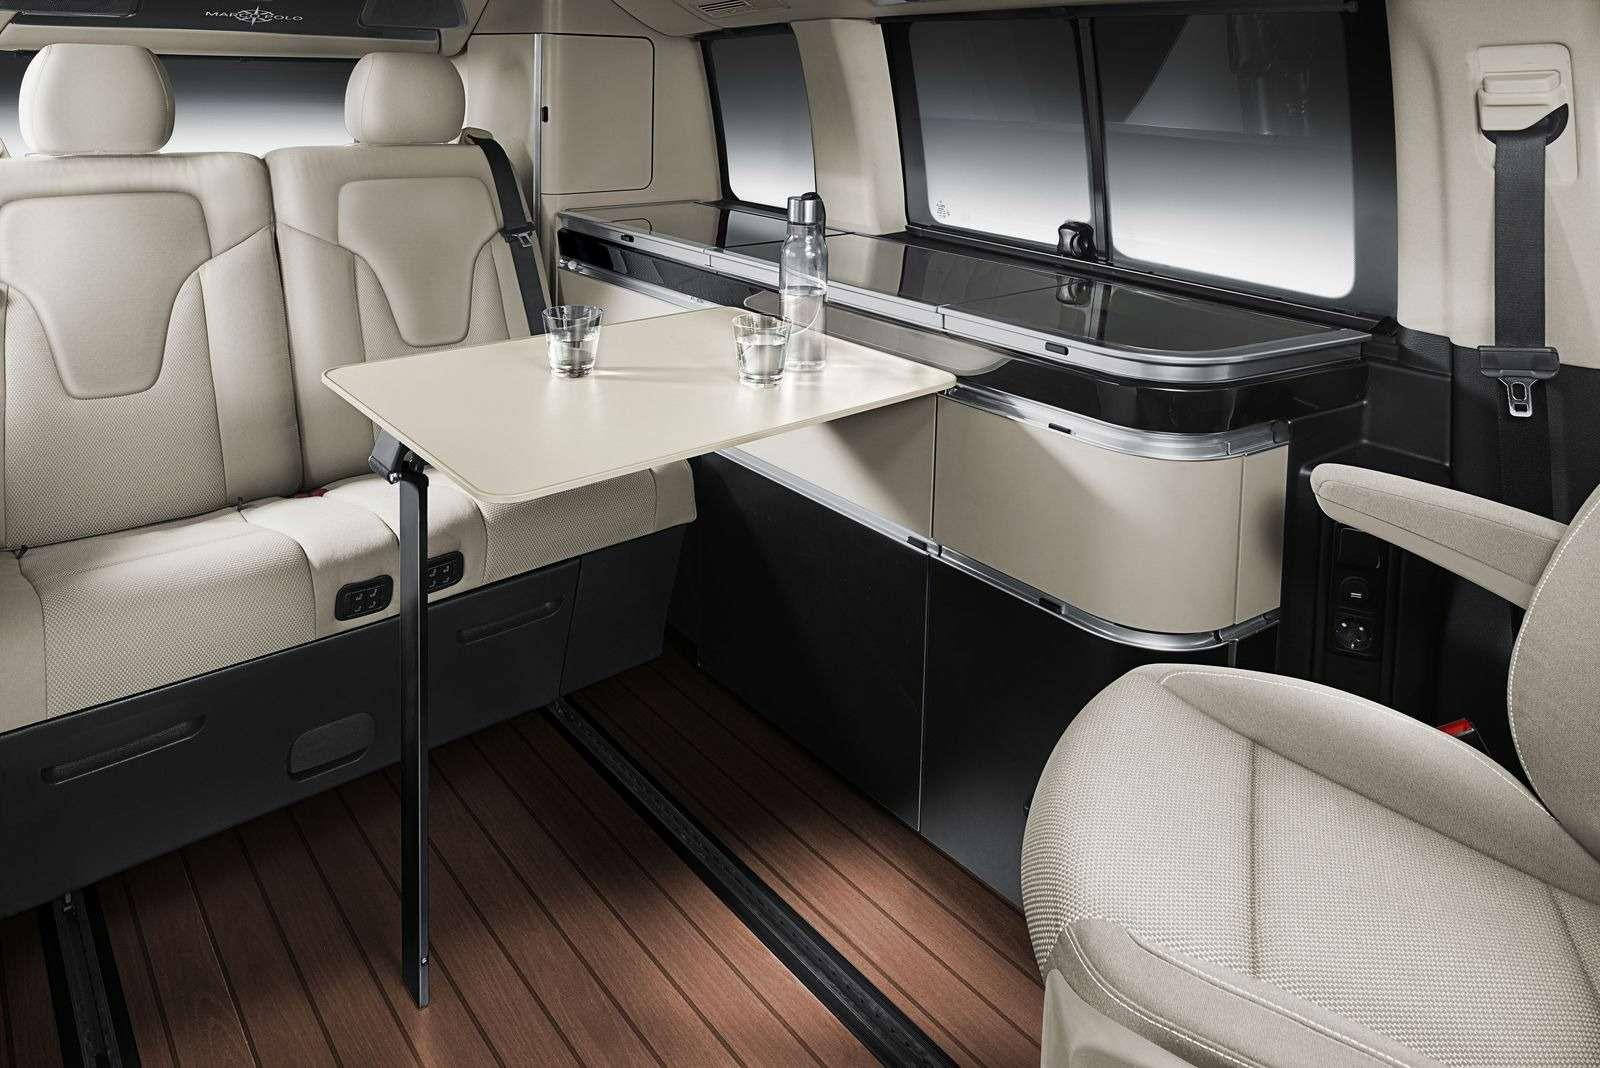 Mercedes-Benz предложил покупателям вРоссии микроавтобус дляпутешествий— фото 368339